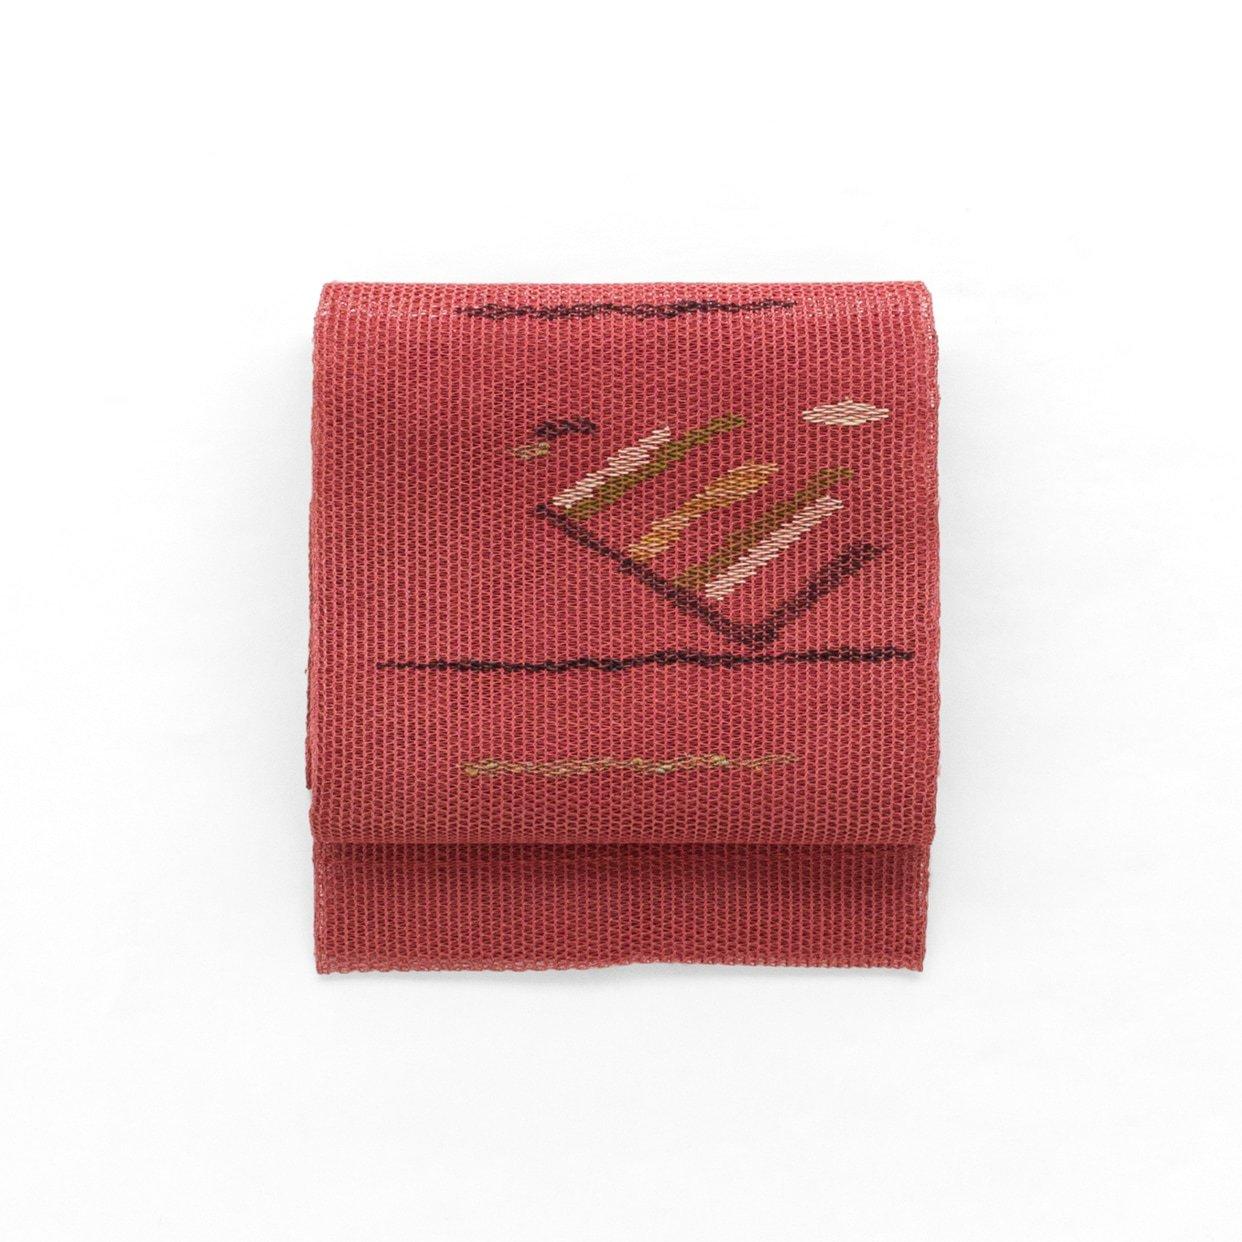 「夏帯 羅 アルファベットE」の商品画像